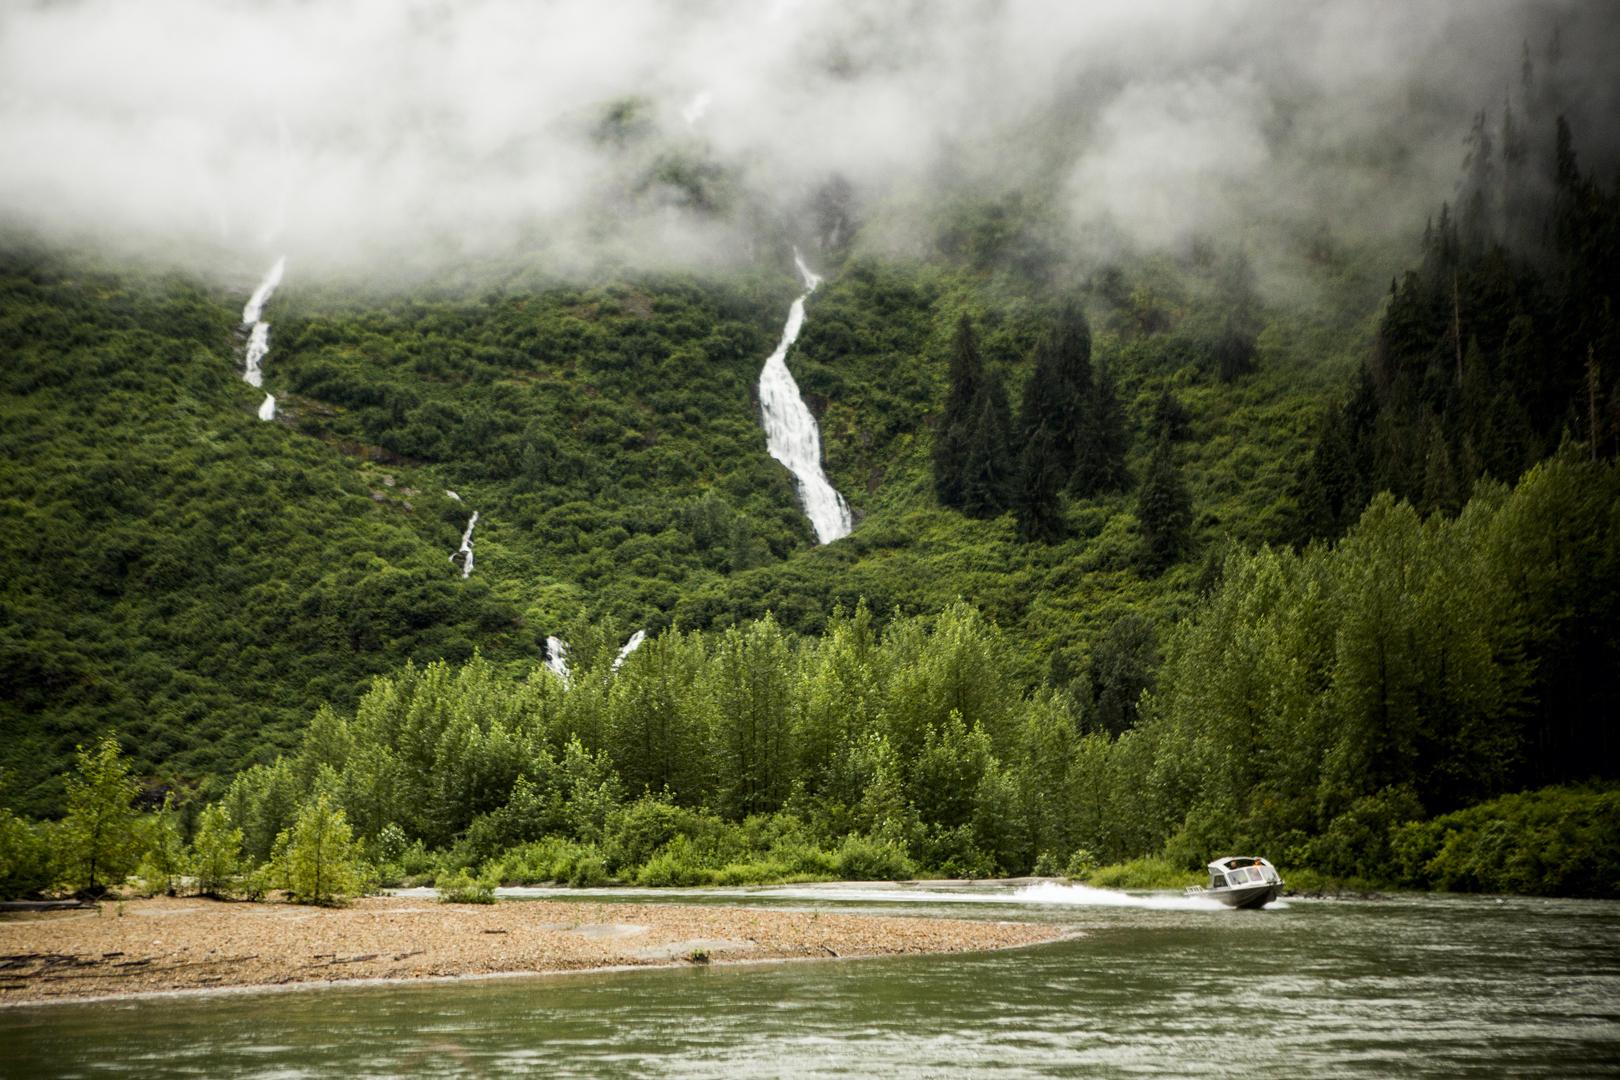 Remote Rivers